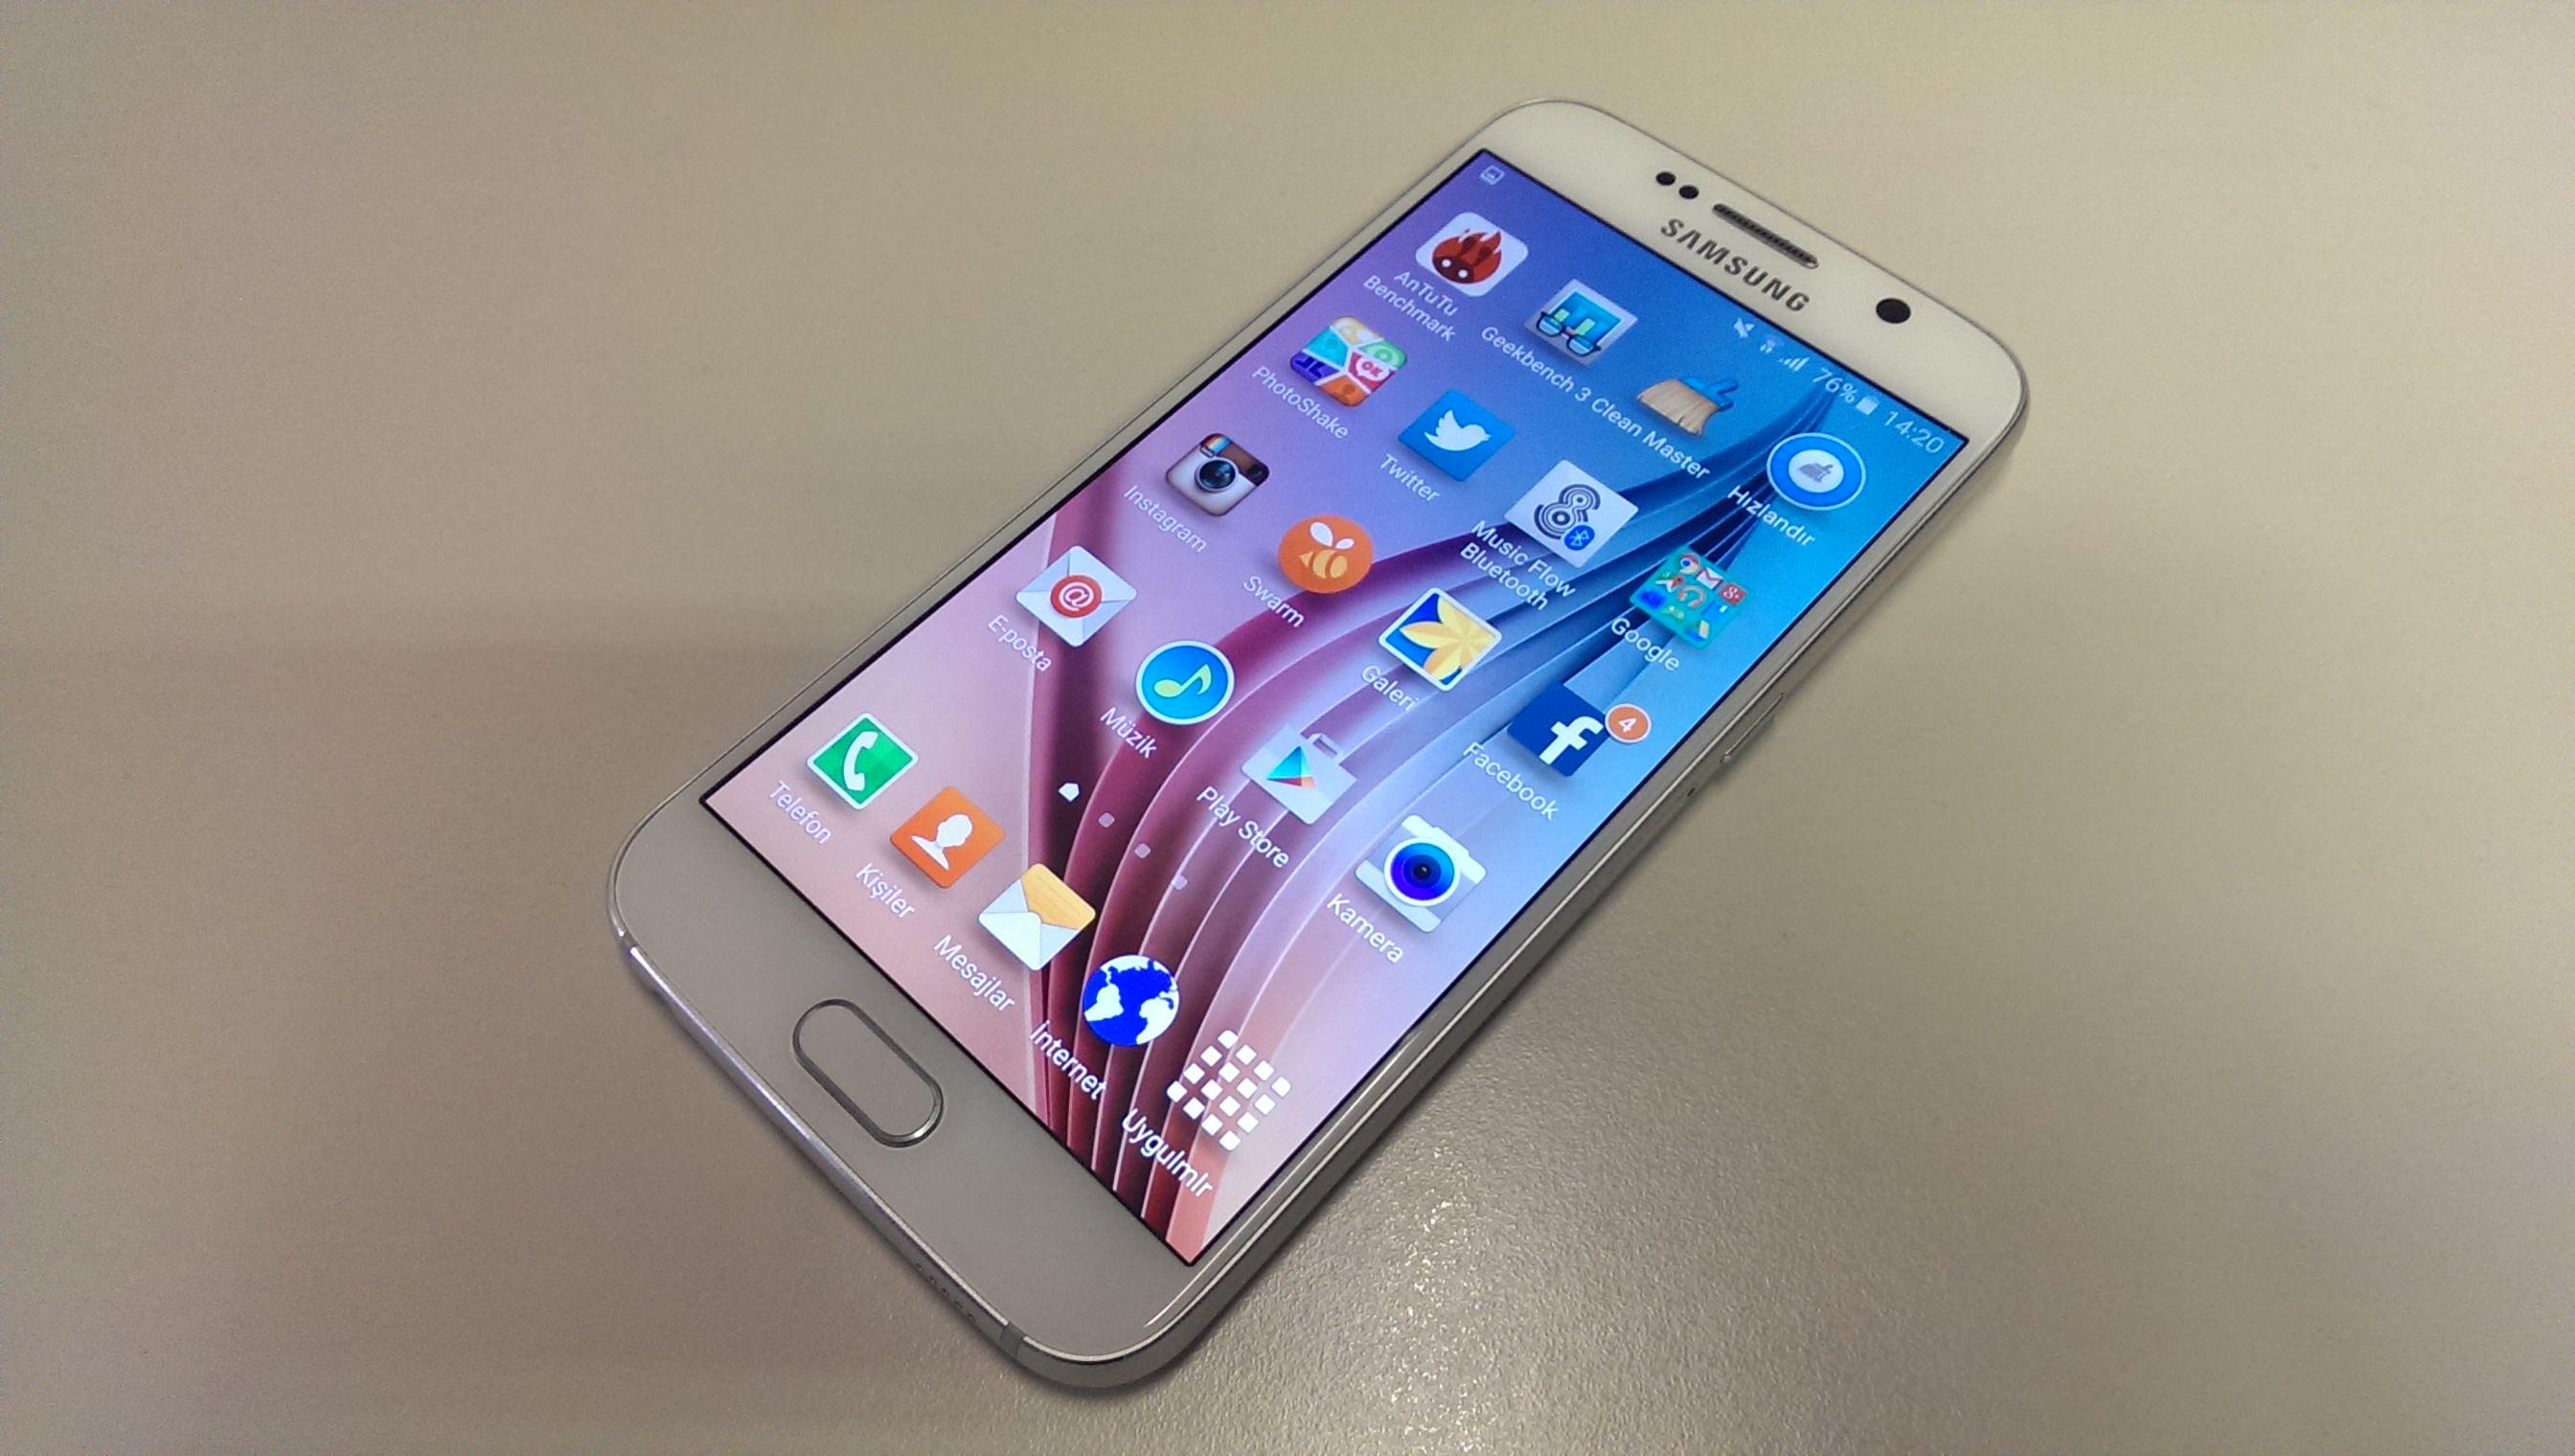 Samsung Galaxy S6'n�n foto�raflar�